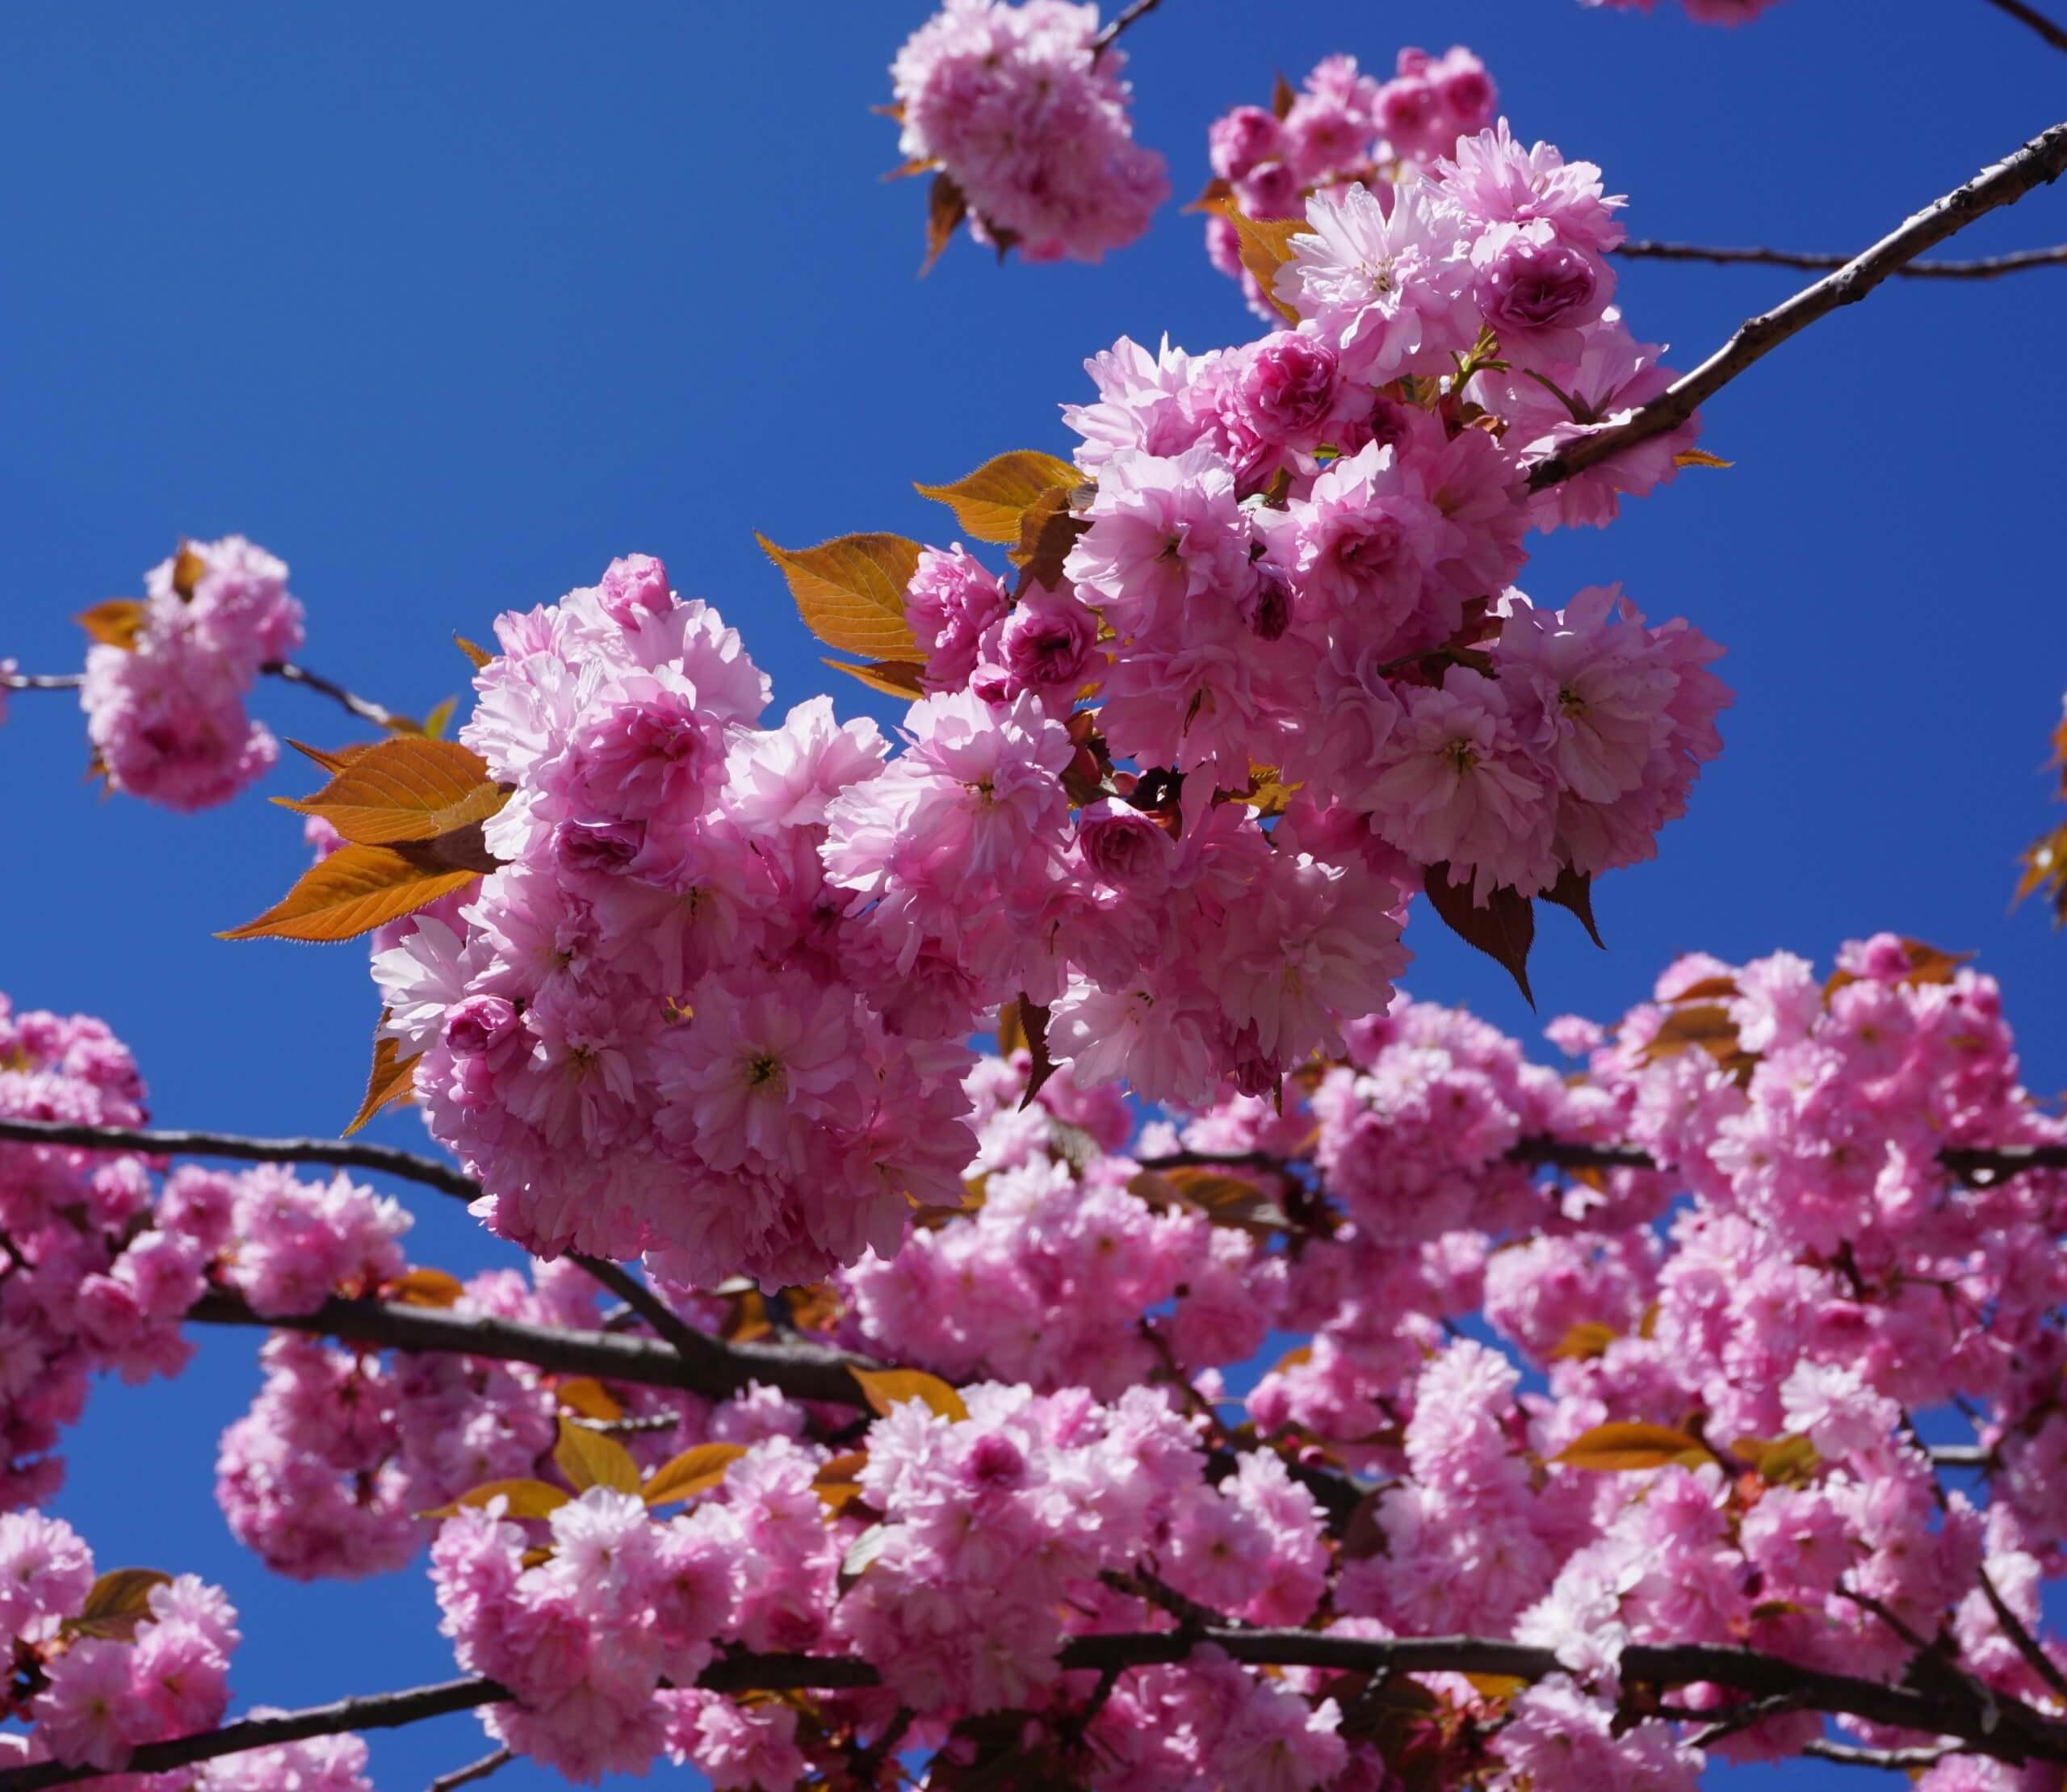 Das Bild zeigt die dicht stehenden und voll geöffneten Blüten an einer Grannenkirsche mit rosafarbenen gefüllten Blüten. Hier an einem Baum in der Müggelheimer Straße, Köpenick, April 2020.